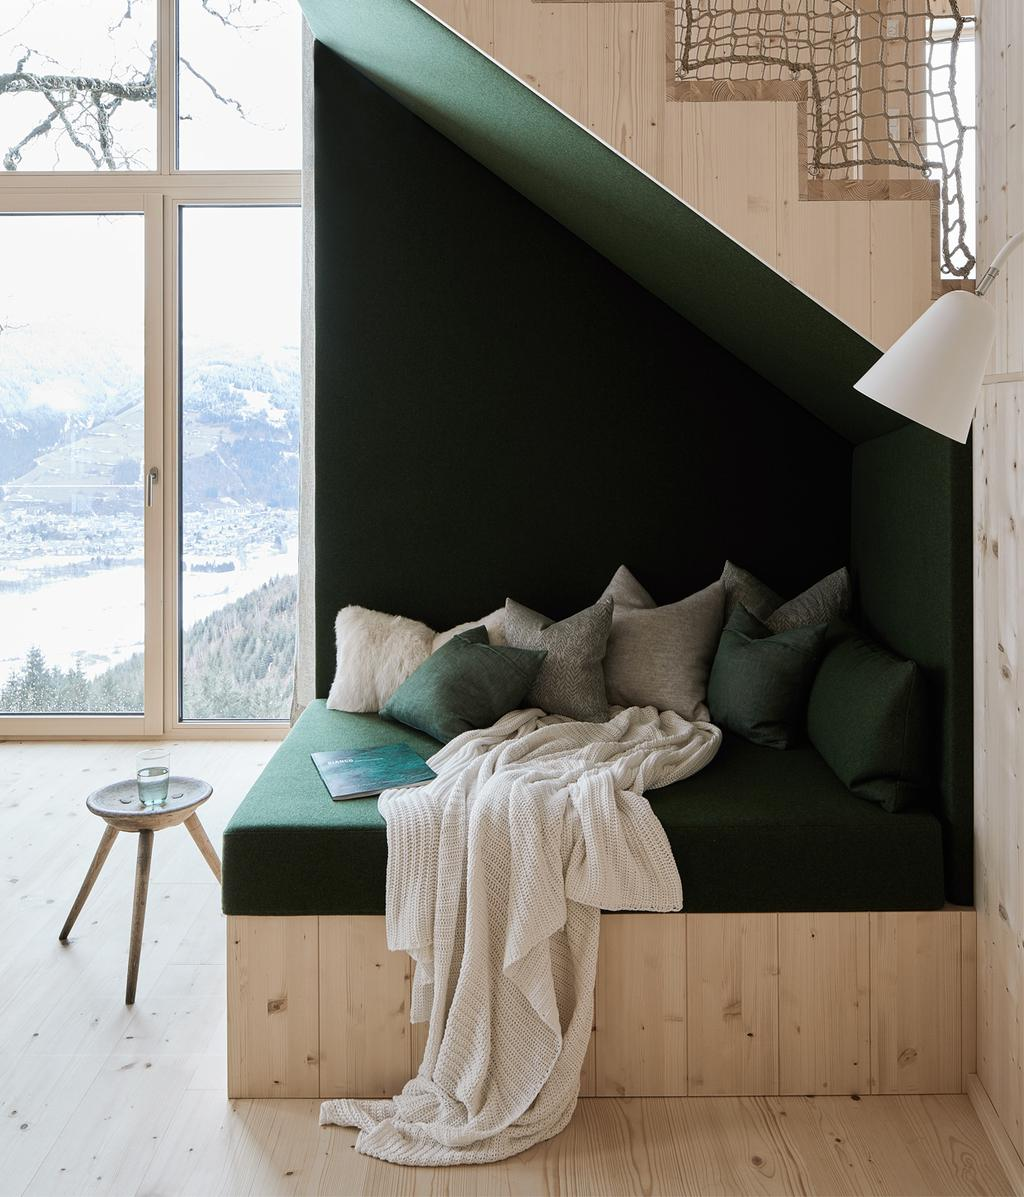 Eiken houten zitplek | vtwonen 13-2020